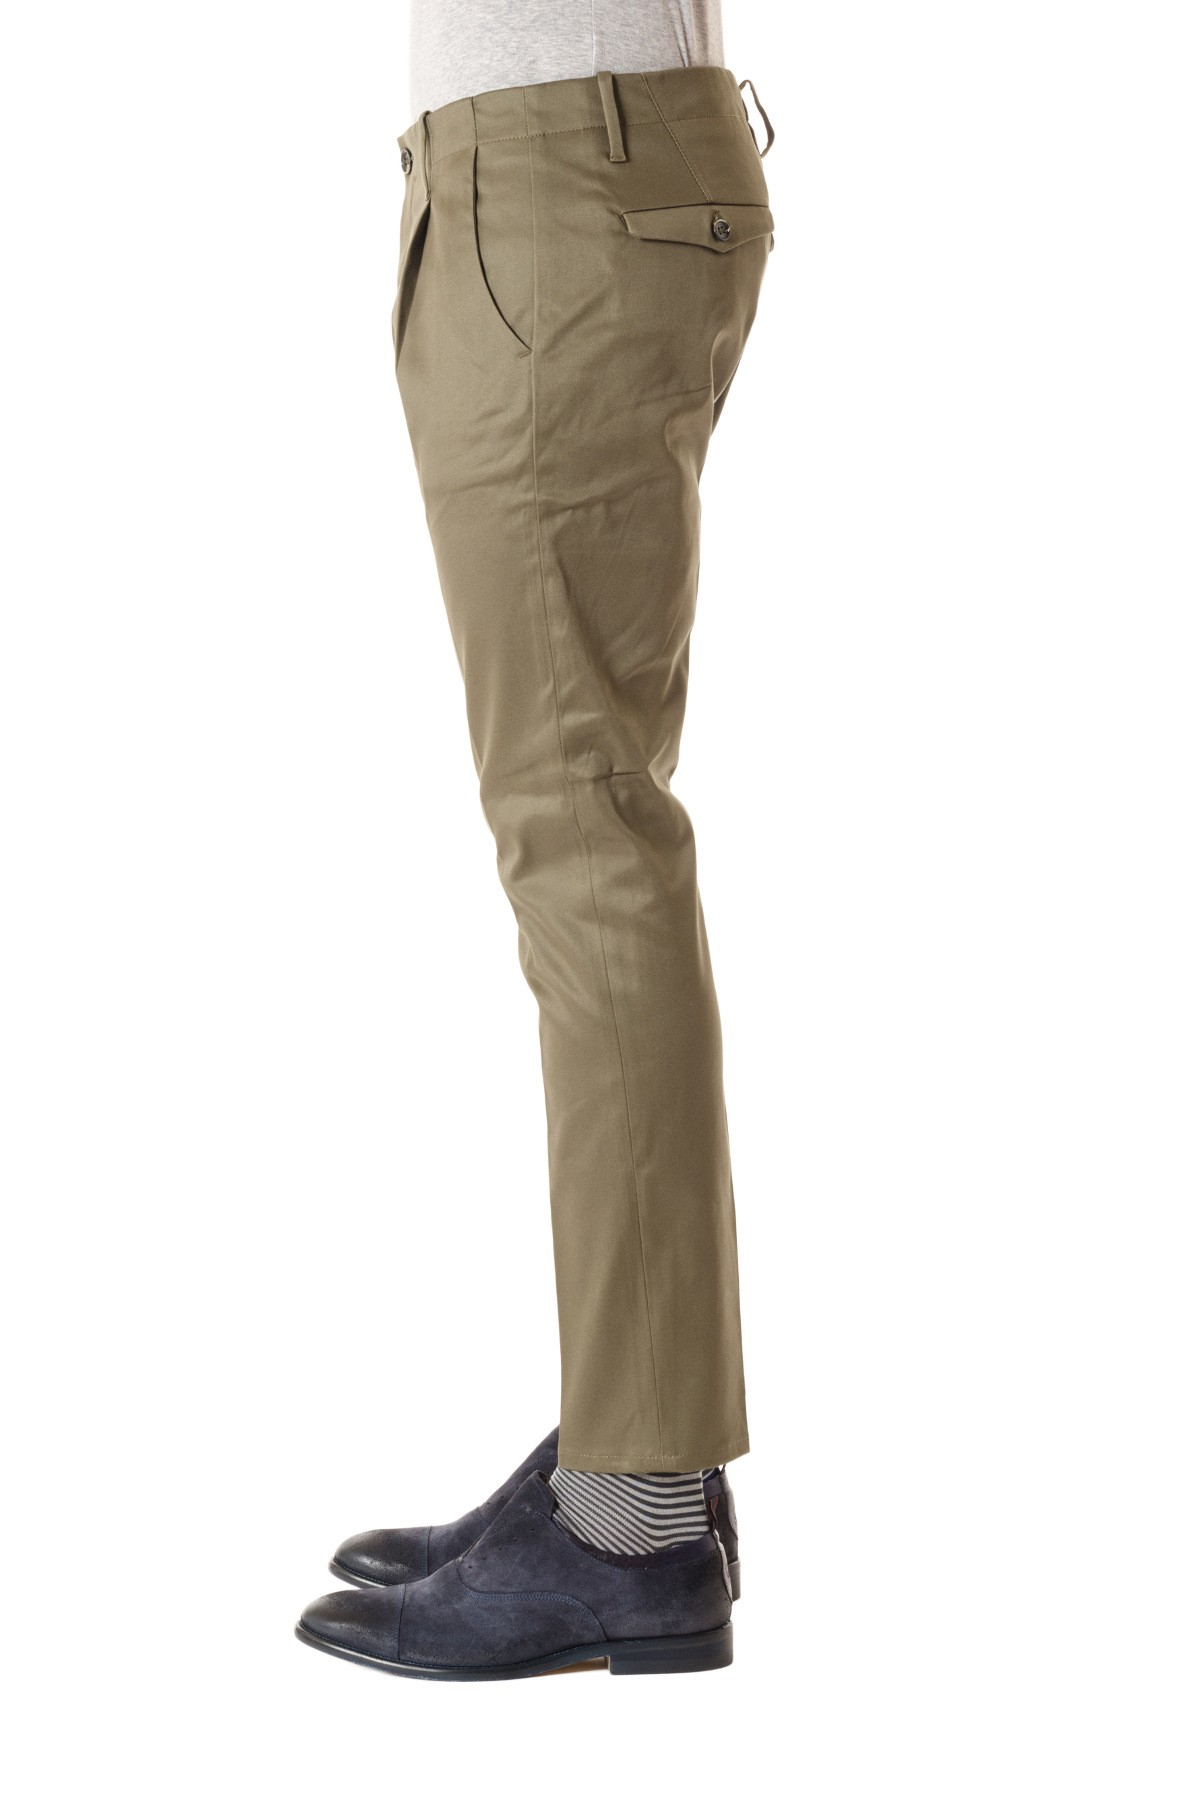 abbastanza NINE IN THE MORNING P/E 16 Pantalone in cotone per uomo colore  LW97